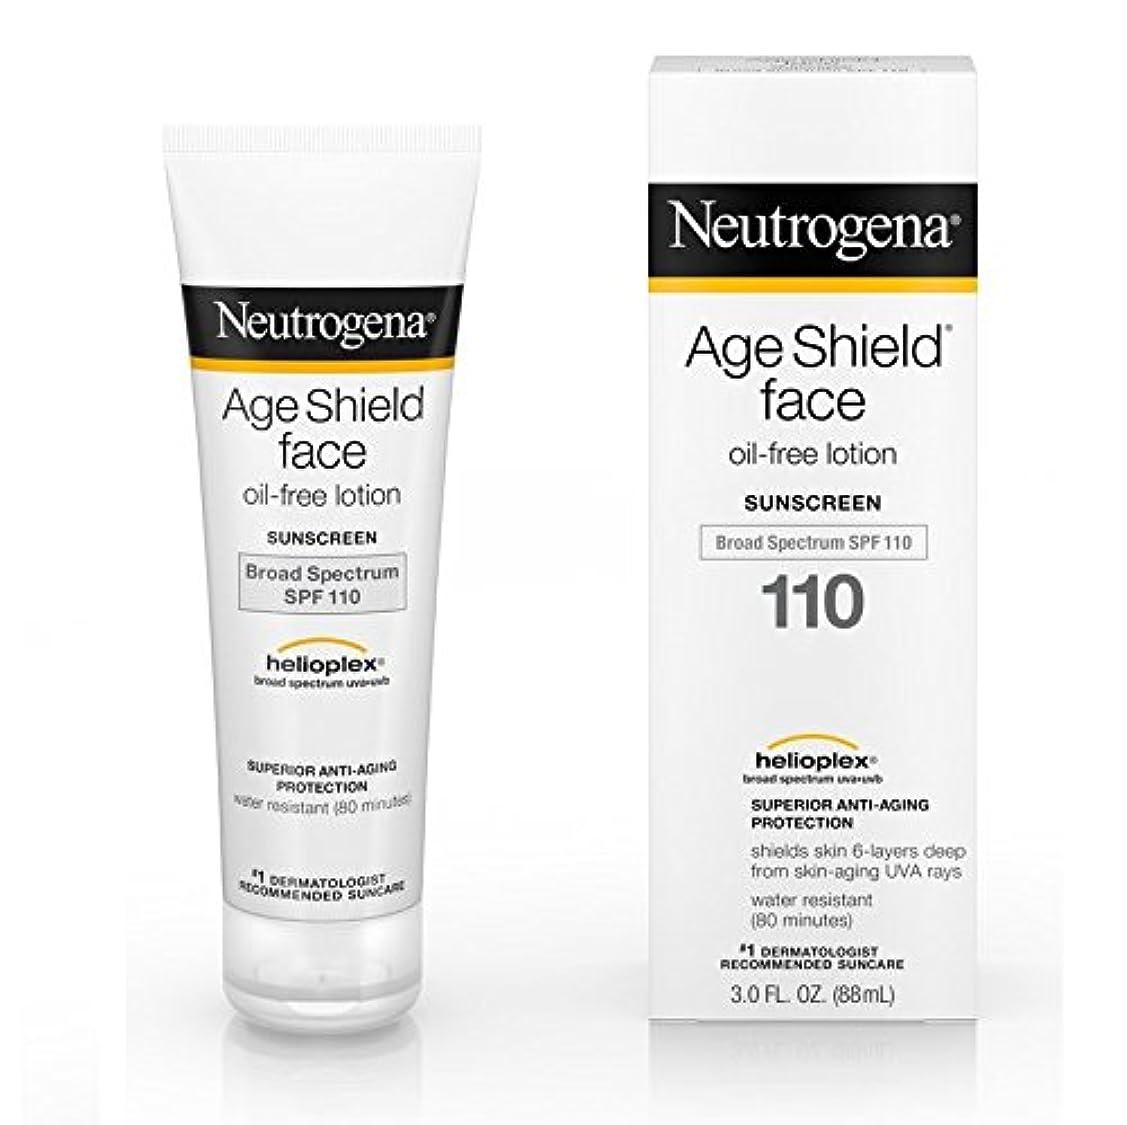 パイプボウル読書をする【海外直送品】Neutrogena Age Shield? Face Oil-Free Lotion Sunscreen Broad Spectrum SPF 110 - 3 FL OZ(88ml)